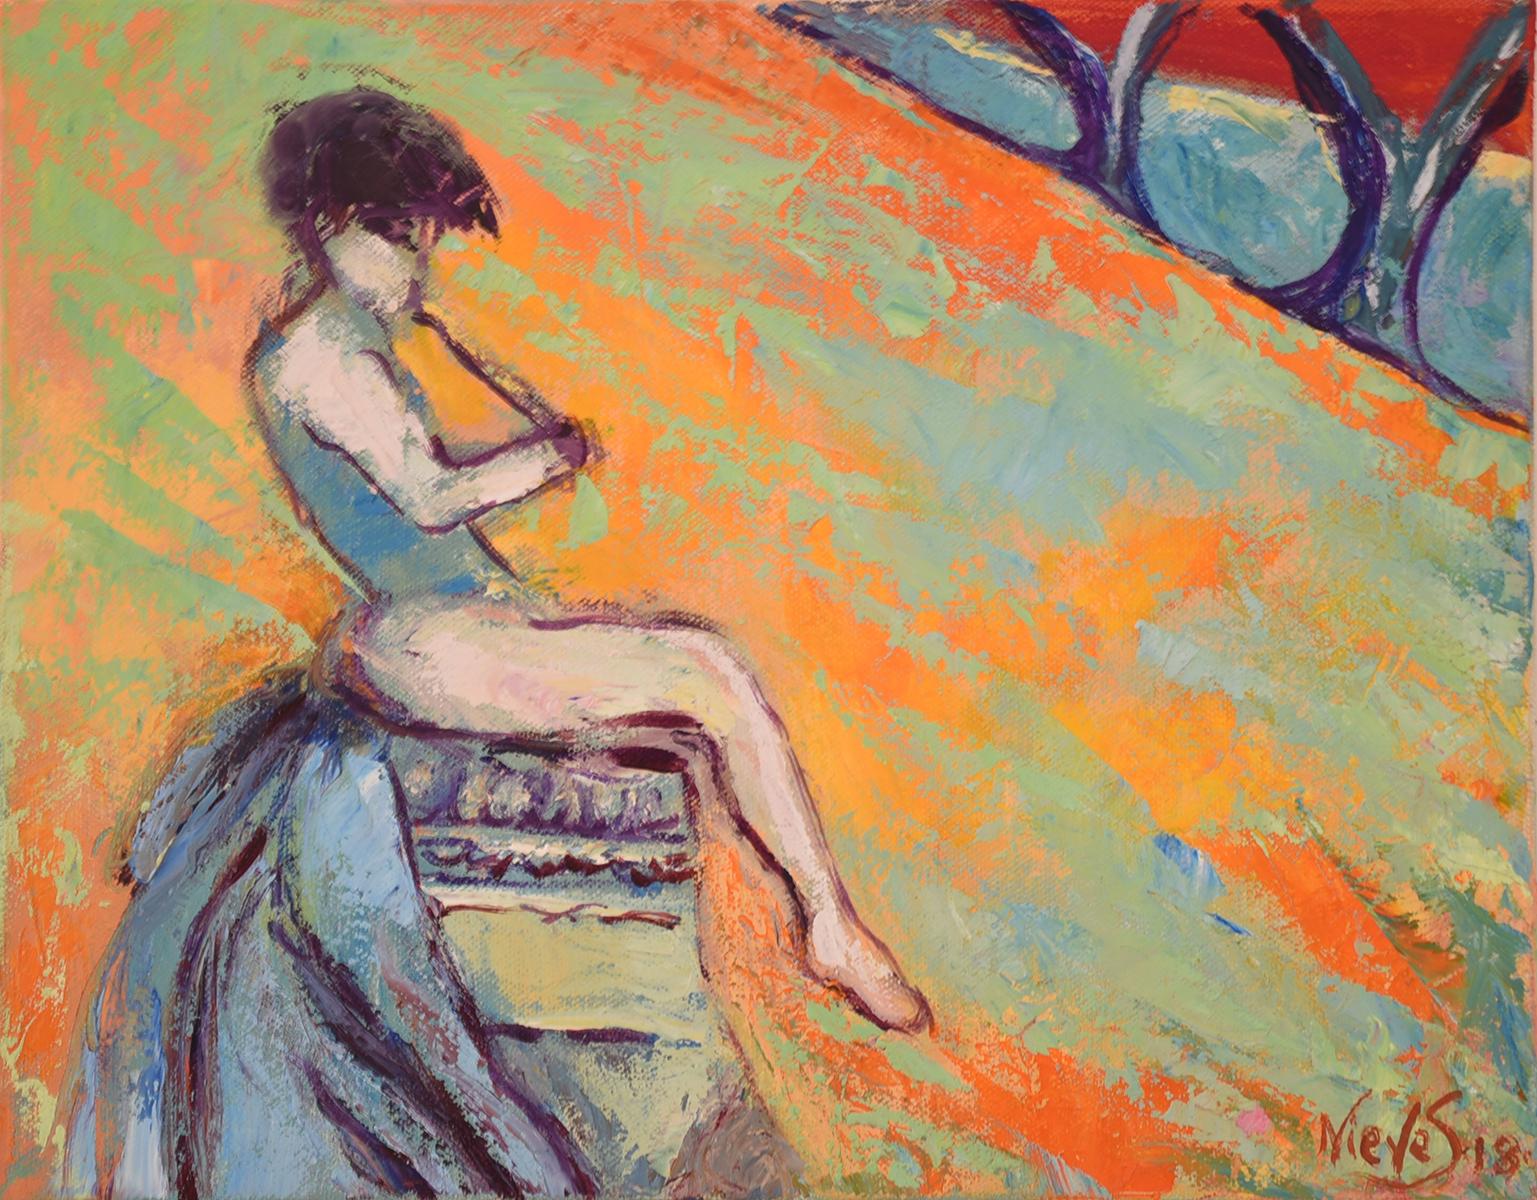 Nieves - Dreaming by Heavenly Bodies II.jpg